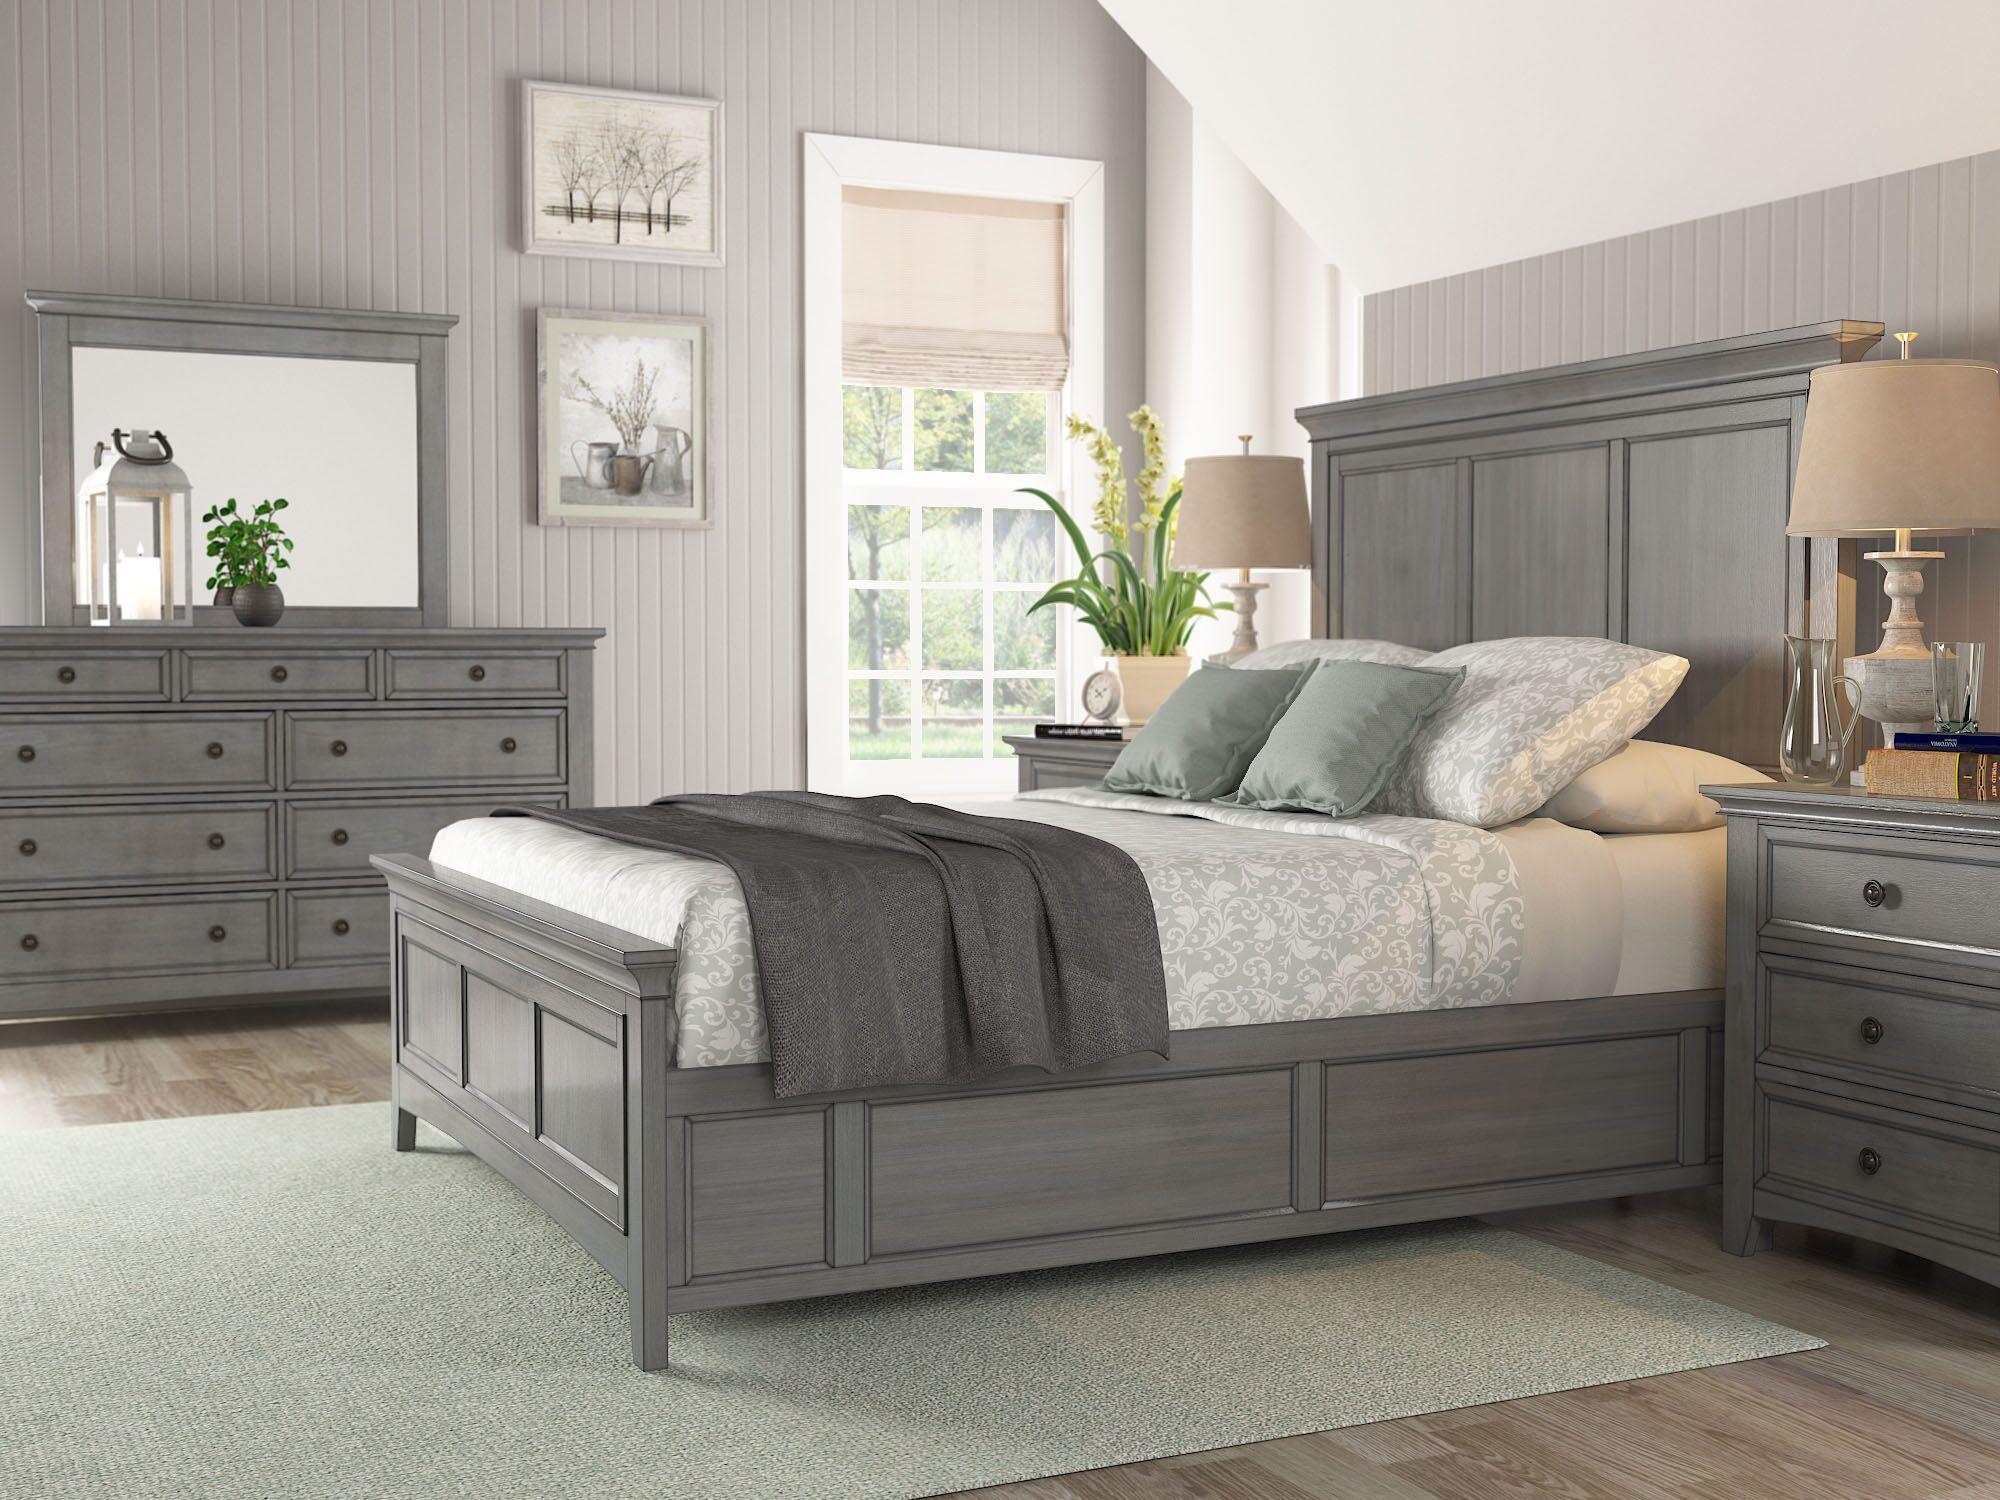 Sefton Platform Bed Color: Antique Gray, Size: King